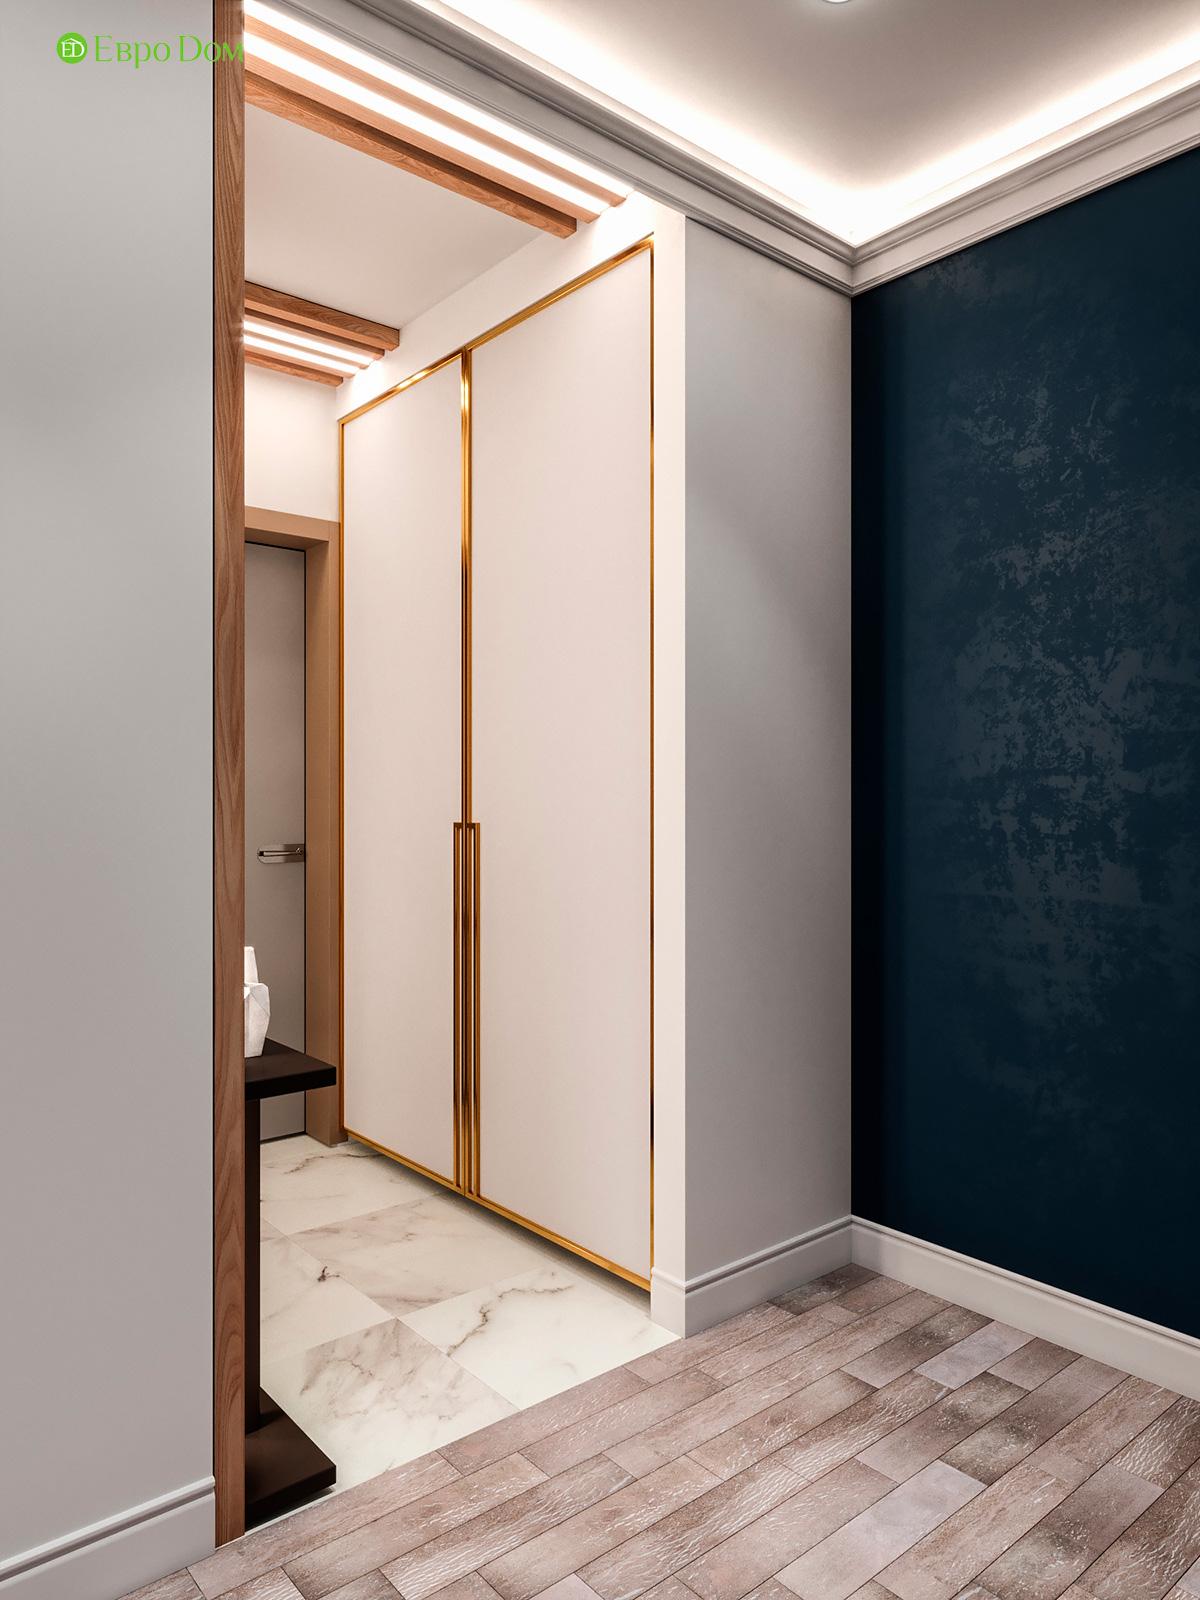 Дизайн двухкомнатной квартиры 60 кв. м в современном стиле. Фото 020